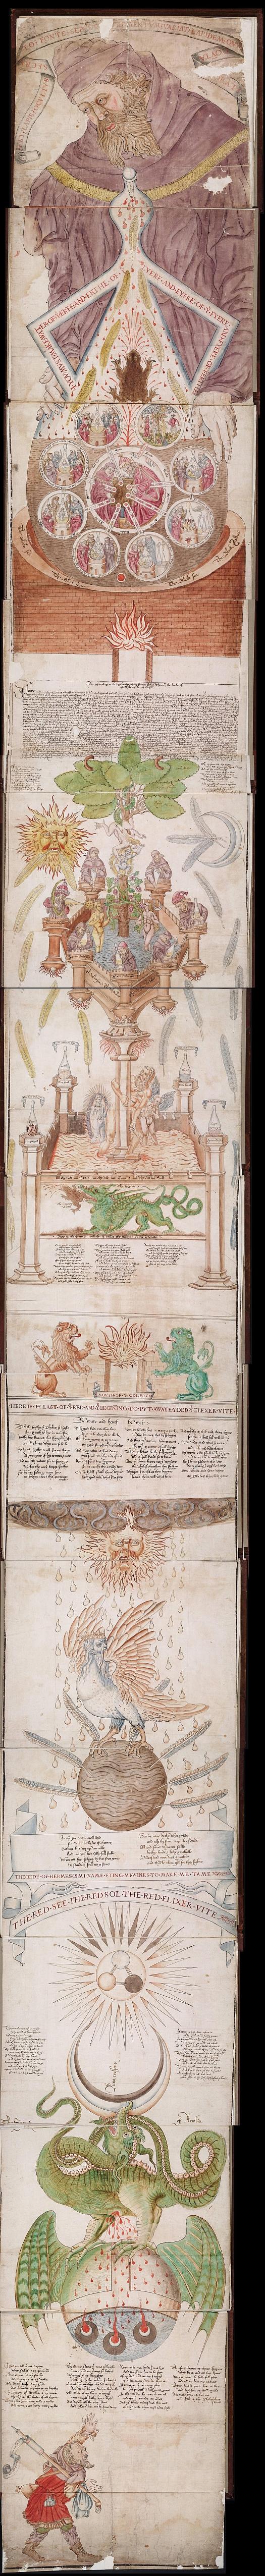 Ripley Scroll - 15th century emblematic alchemy manuscript